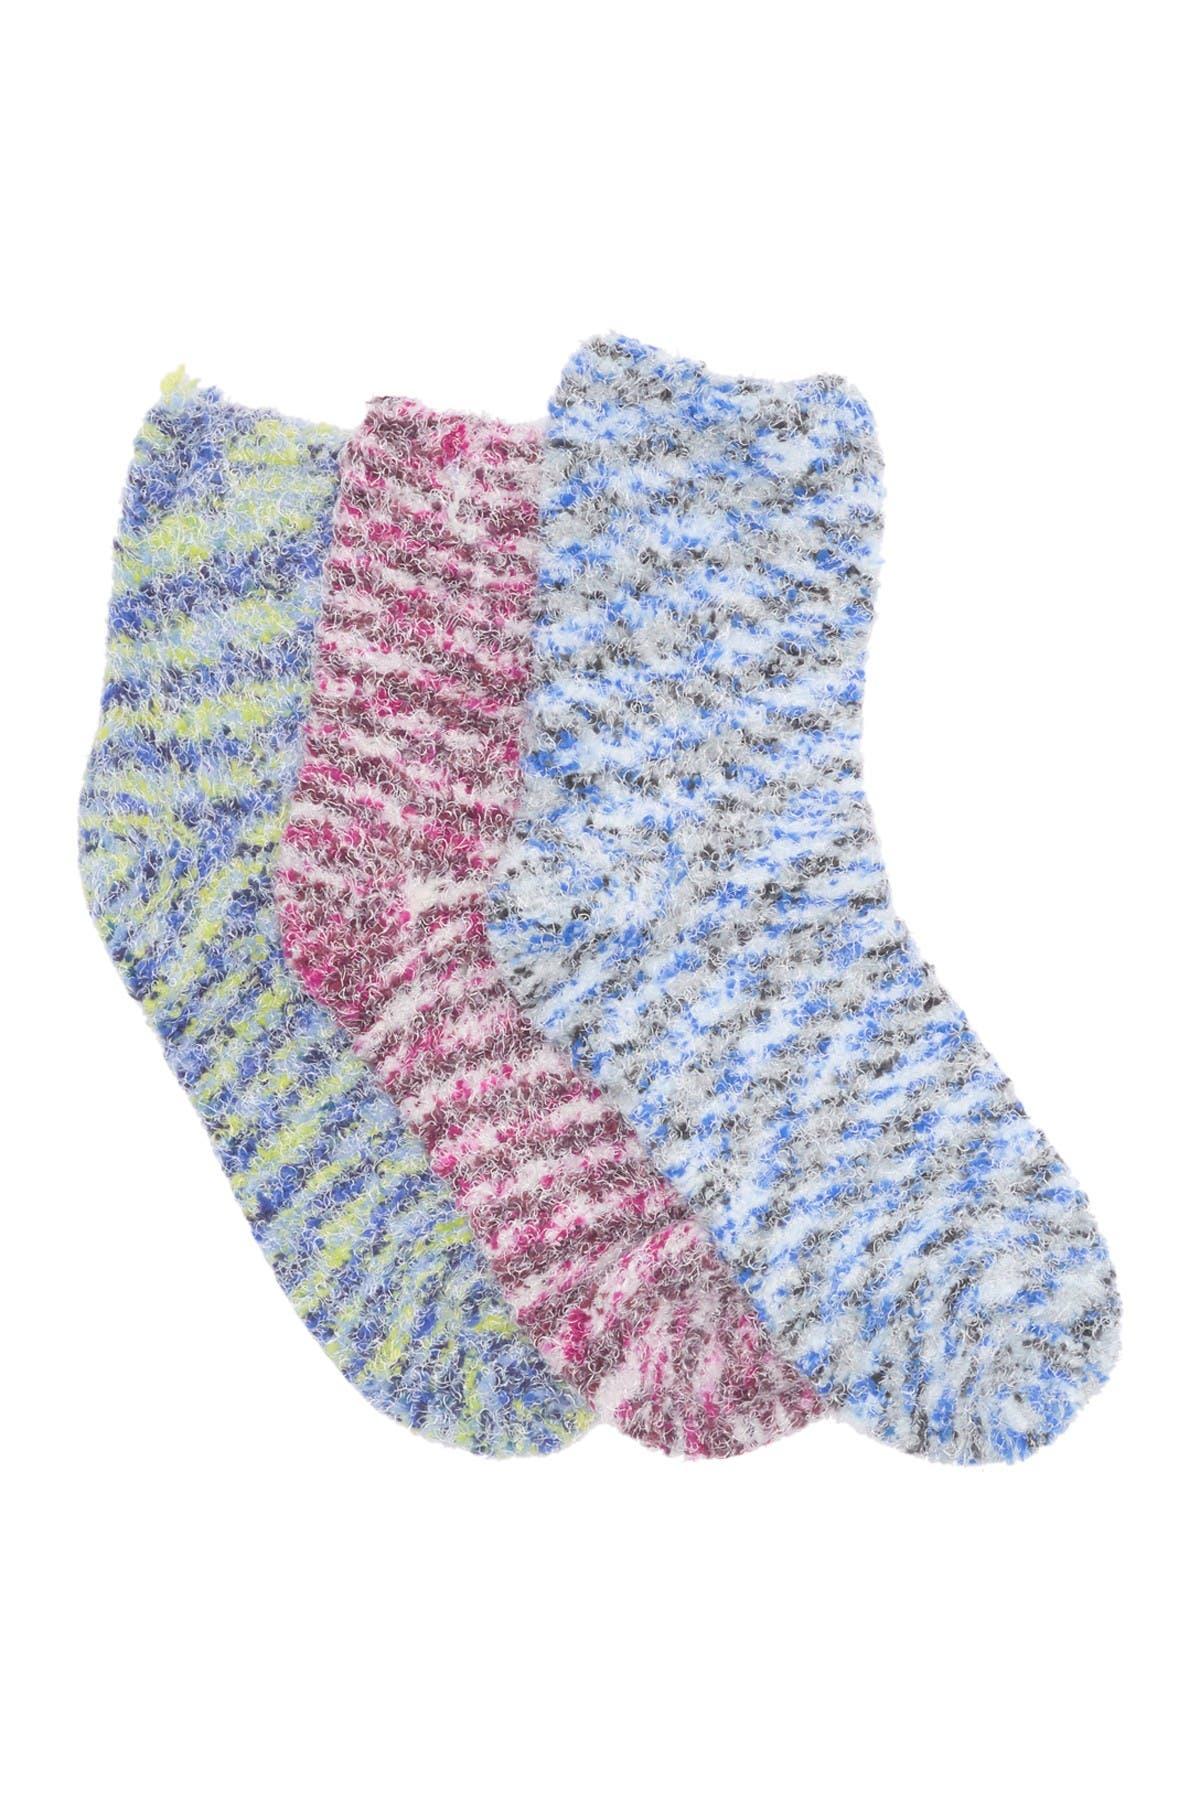 Image of Felina Multi Fuzzy Lounge Socks - Pack of 3